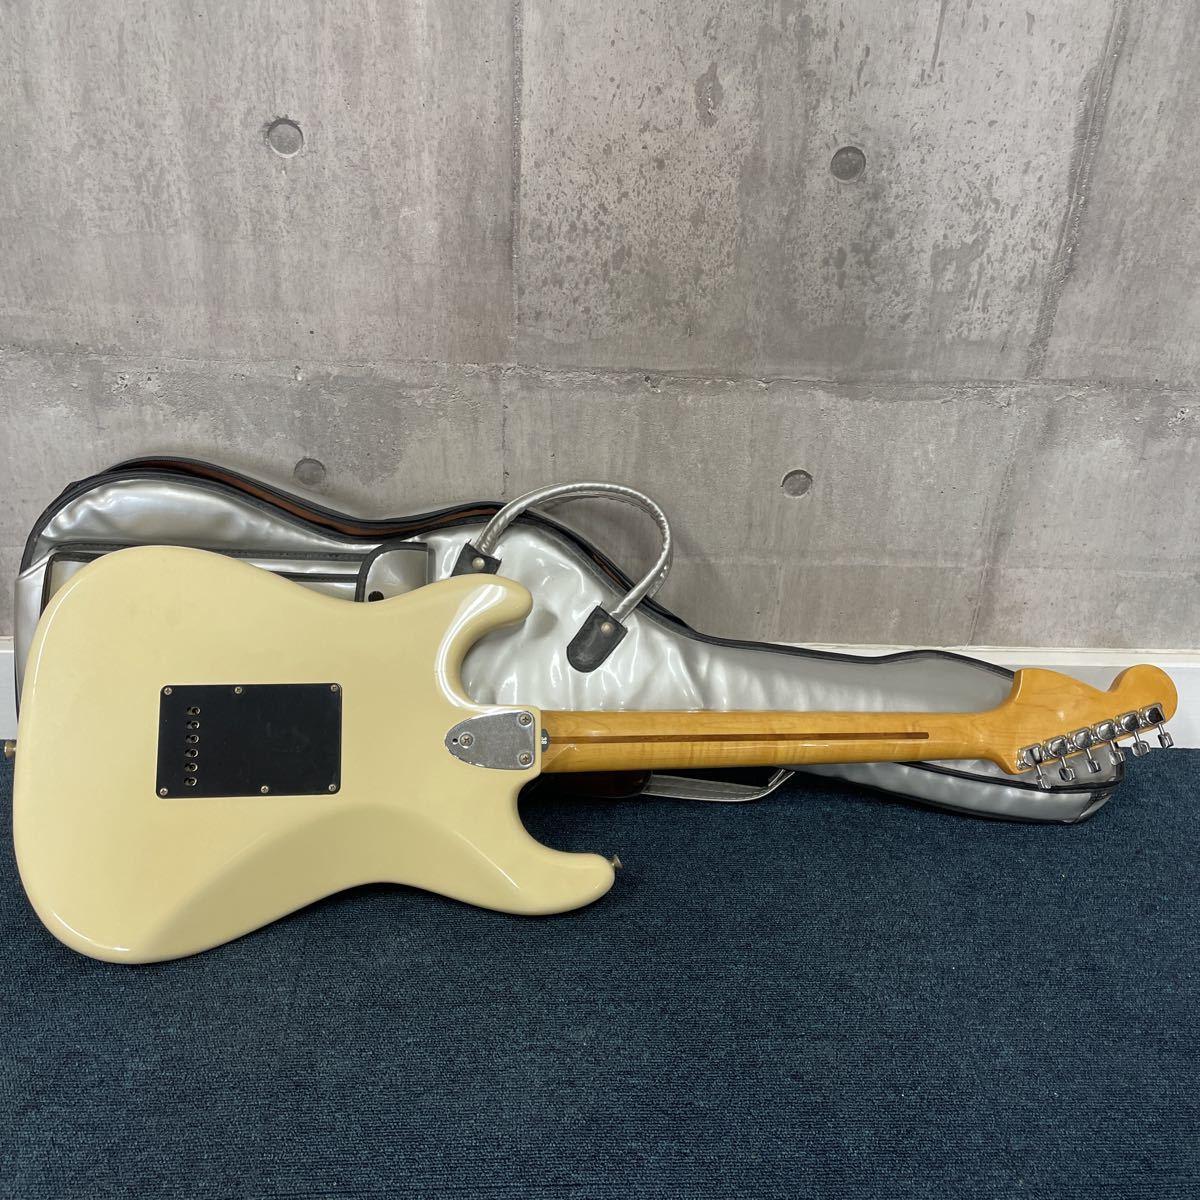 ギター guitar Tokai SILVER STAR SERIAL NUMBER 2103804 現状品_画像4